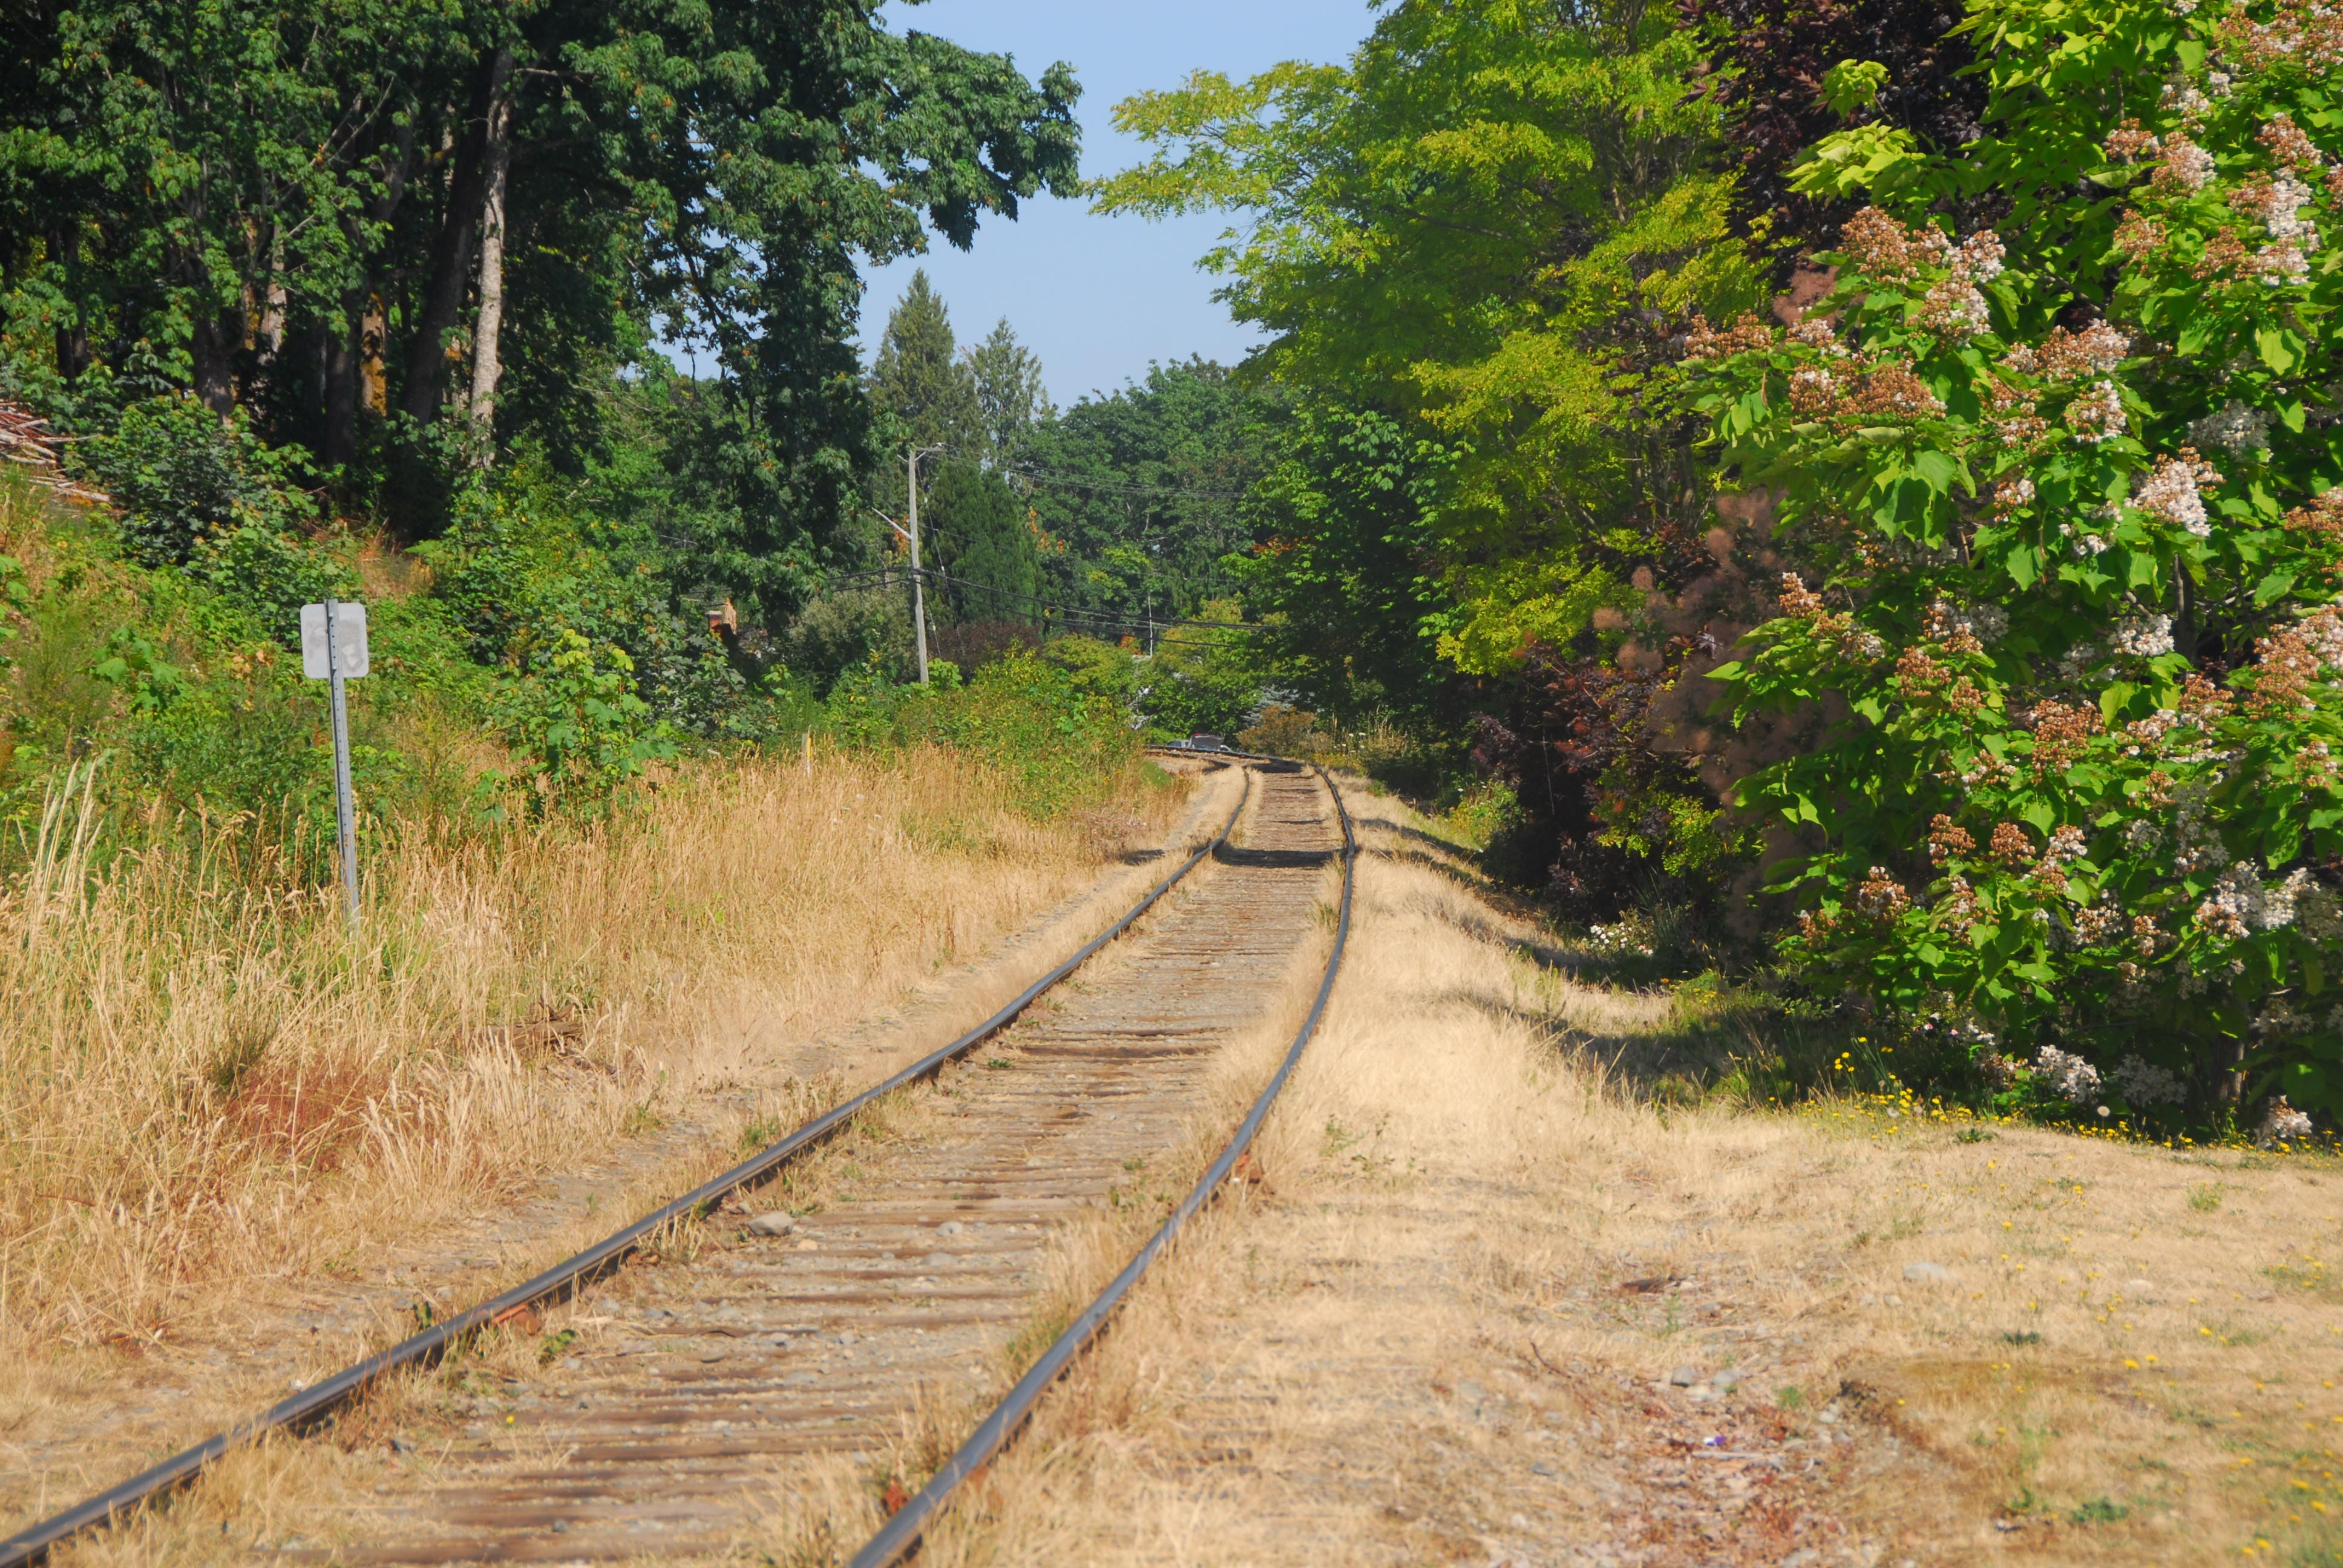 North Cowichan Railway Property Line Set Back